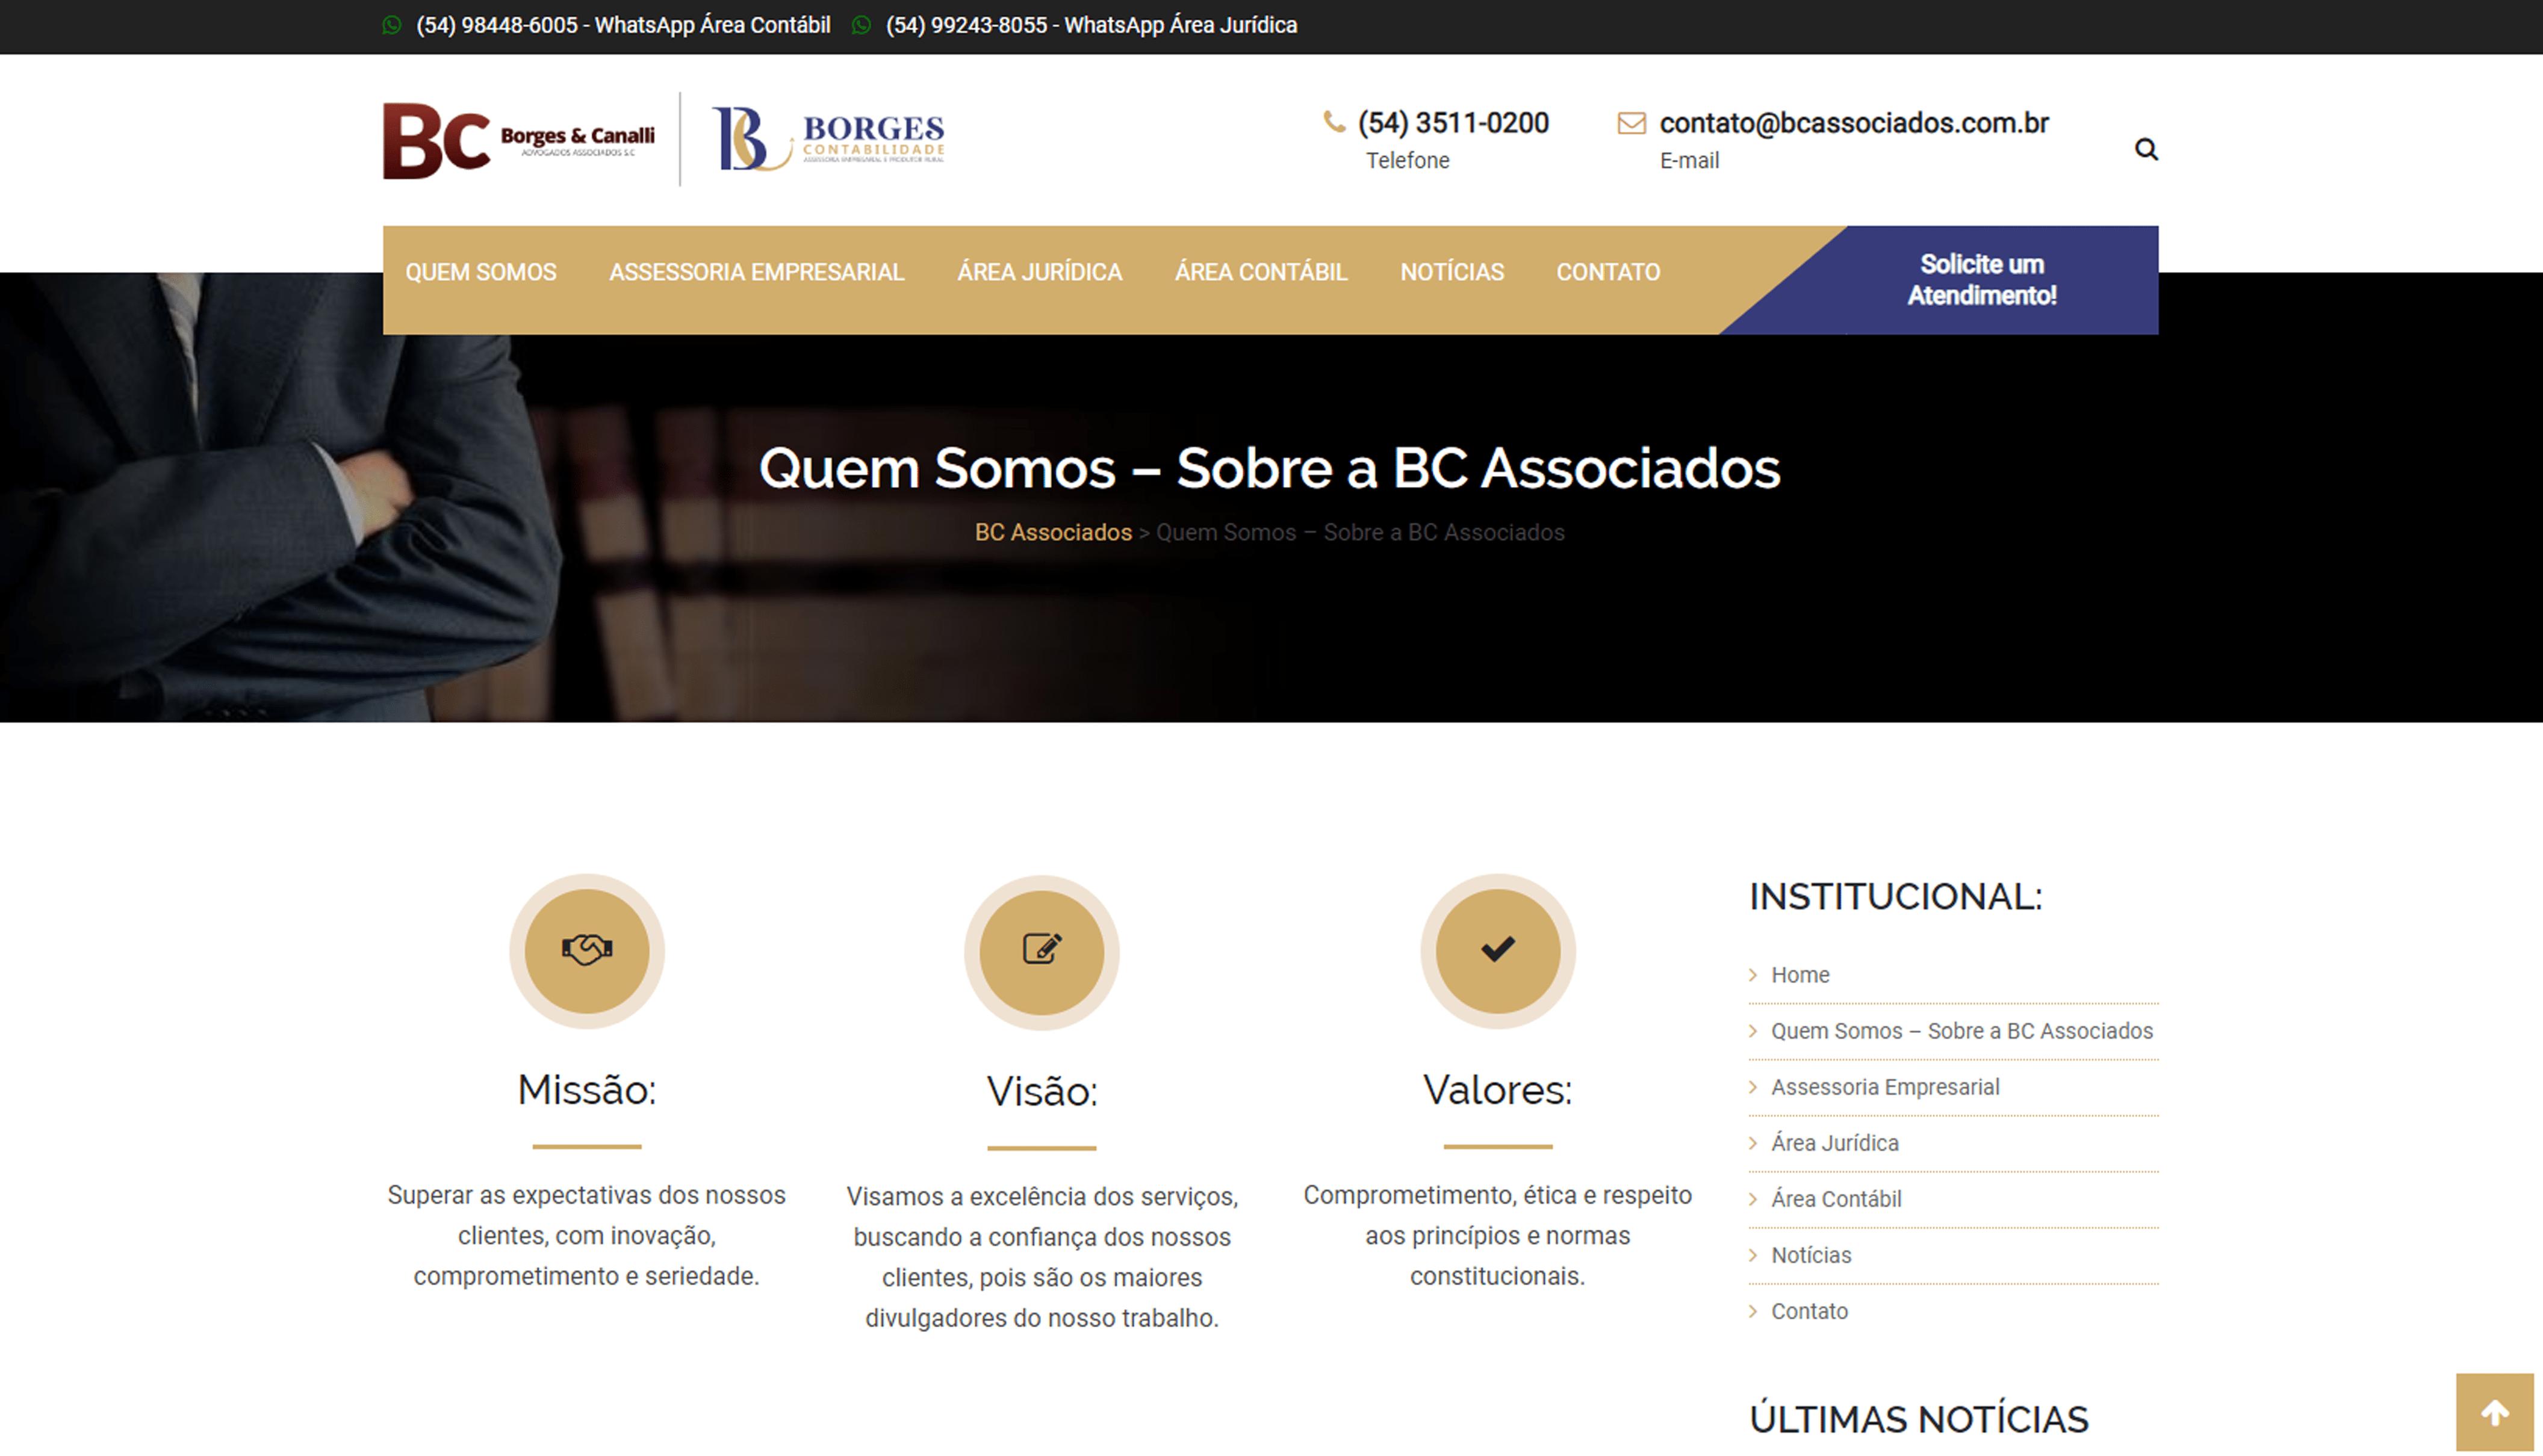 https://www.6i.com.br/case/bc-associados/